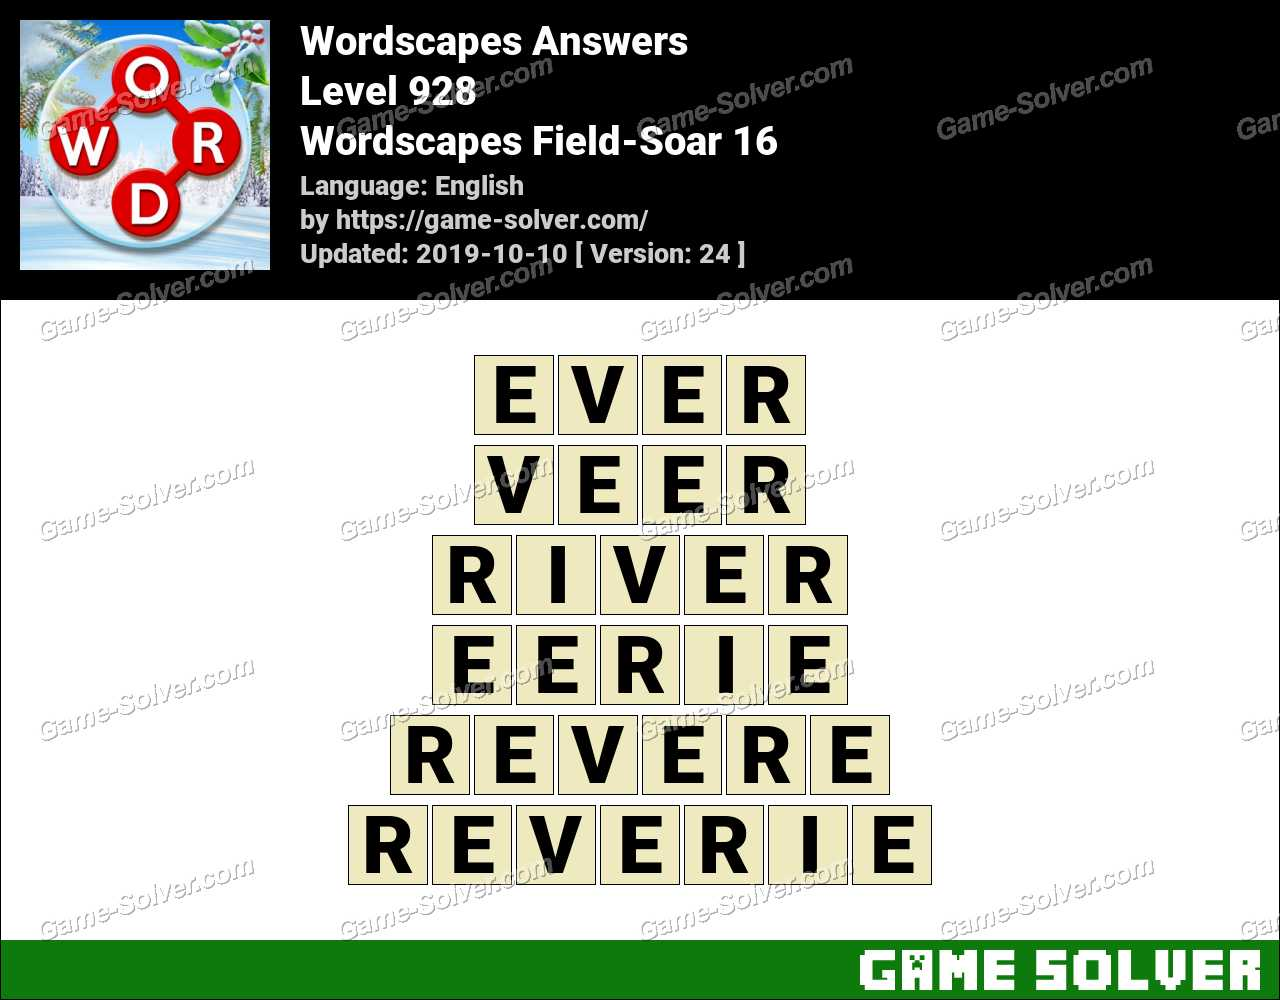 Wordscapes Field-Soar 16 Answers